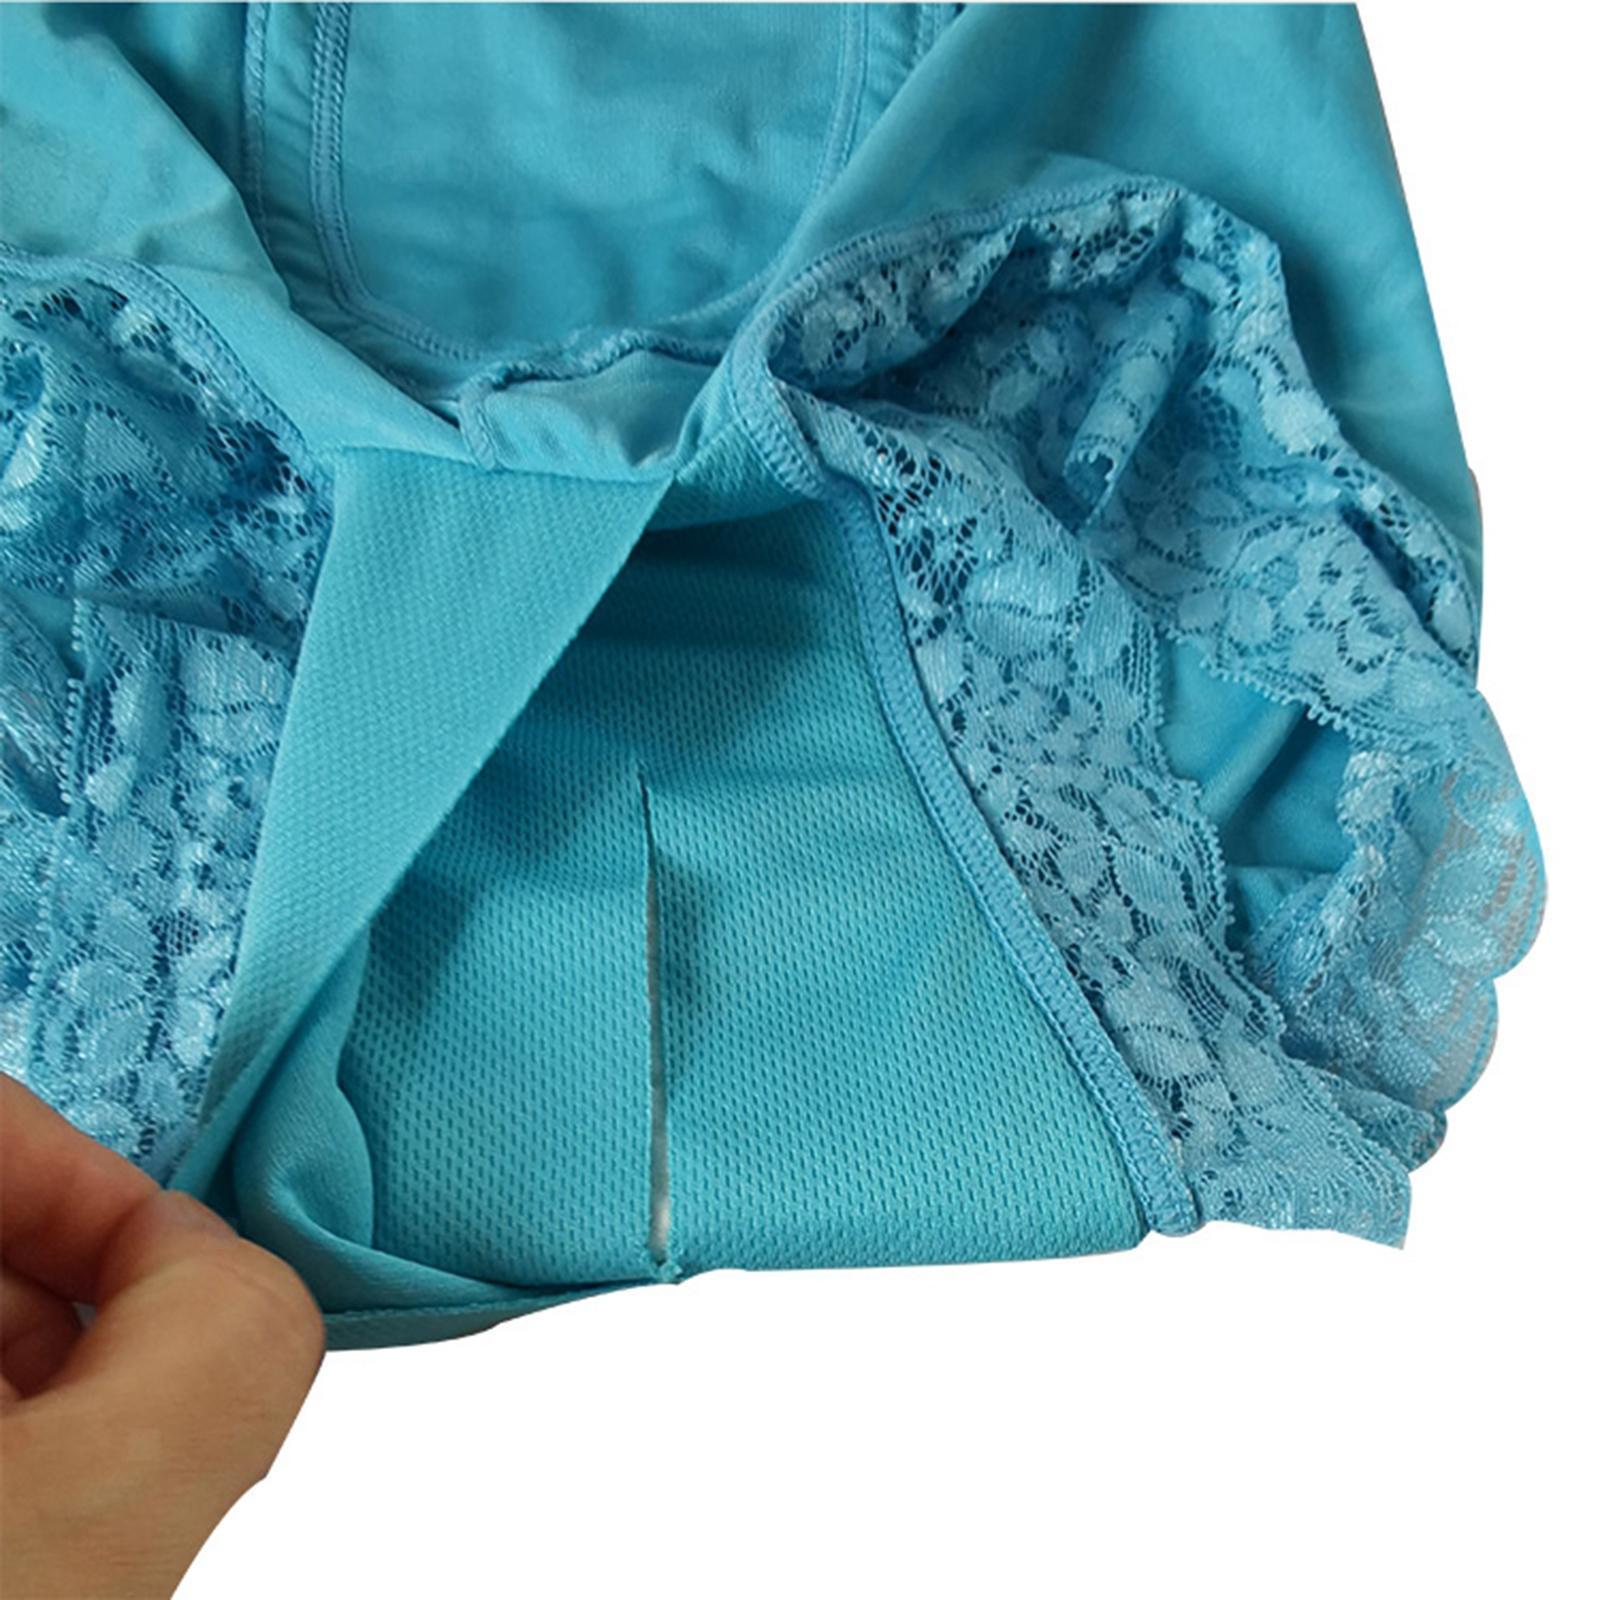 Indexbild 4 - Wiederverwendbare Inkontinenz Unterwäsche mit Pad für Frauen Menstruations